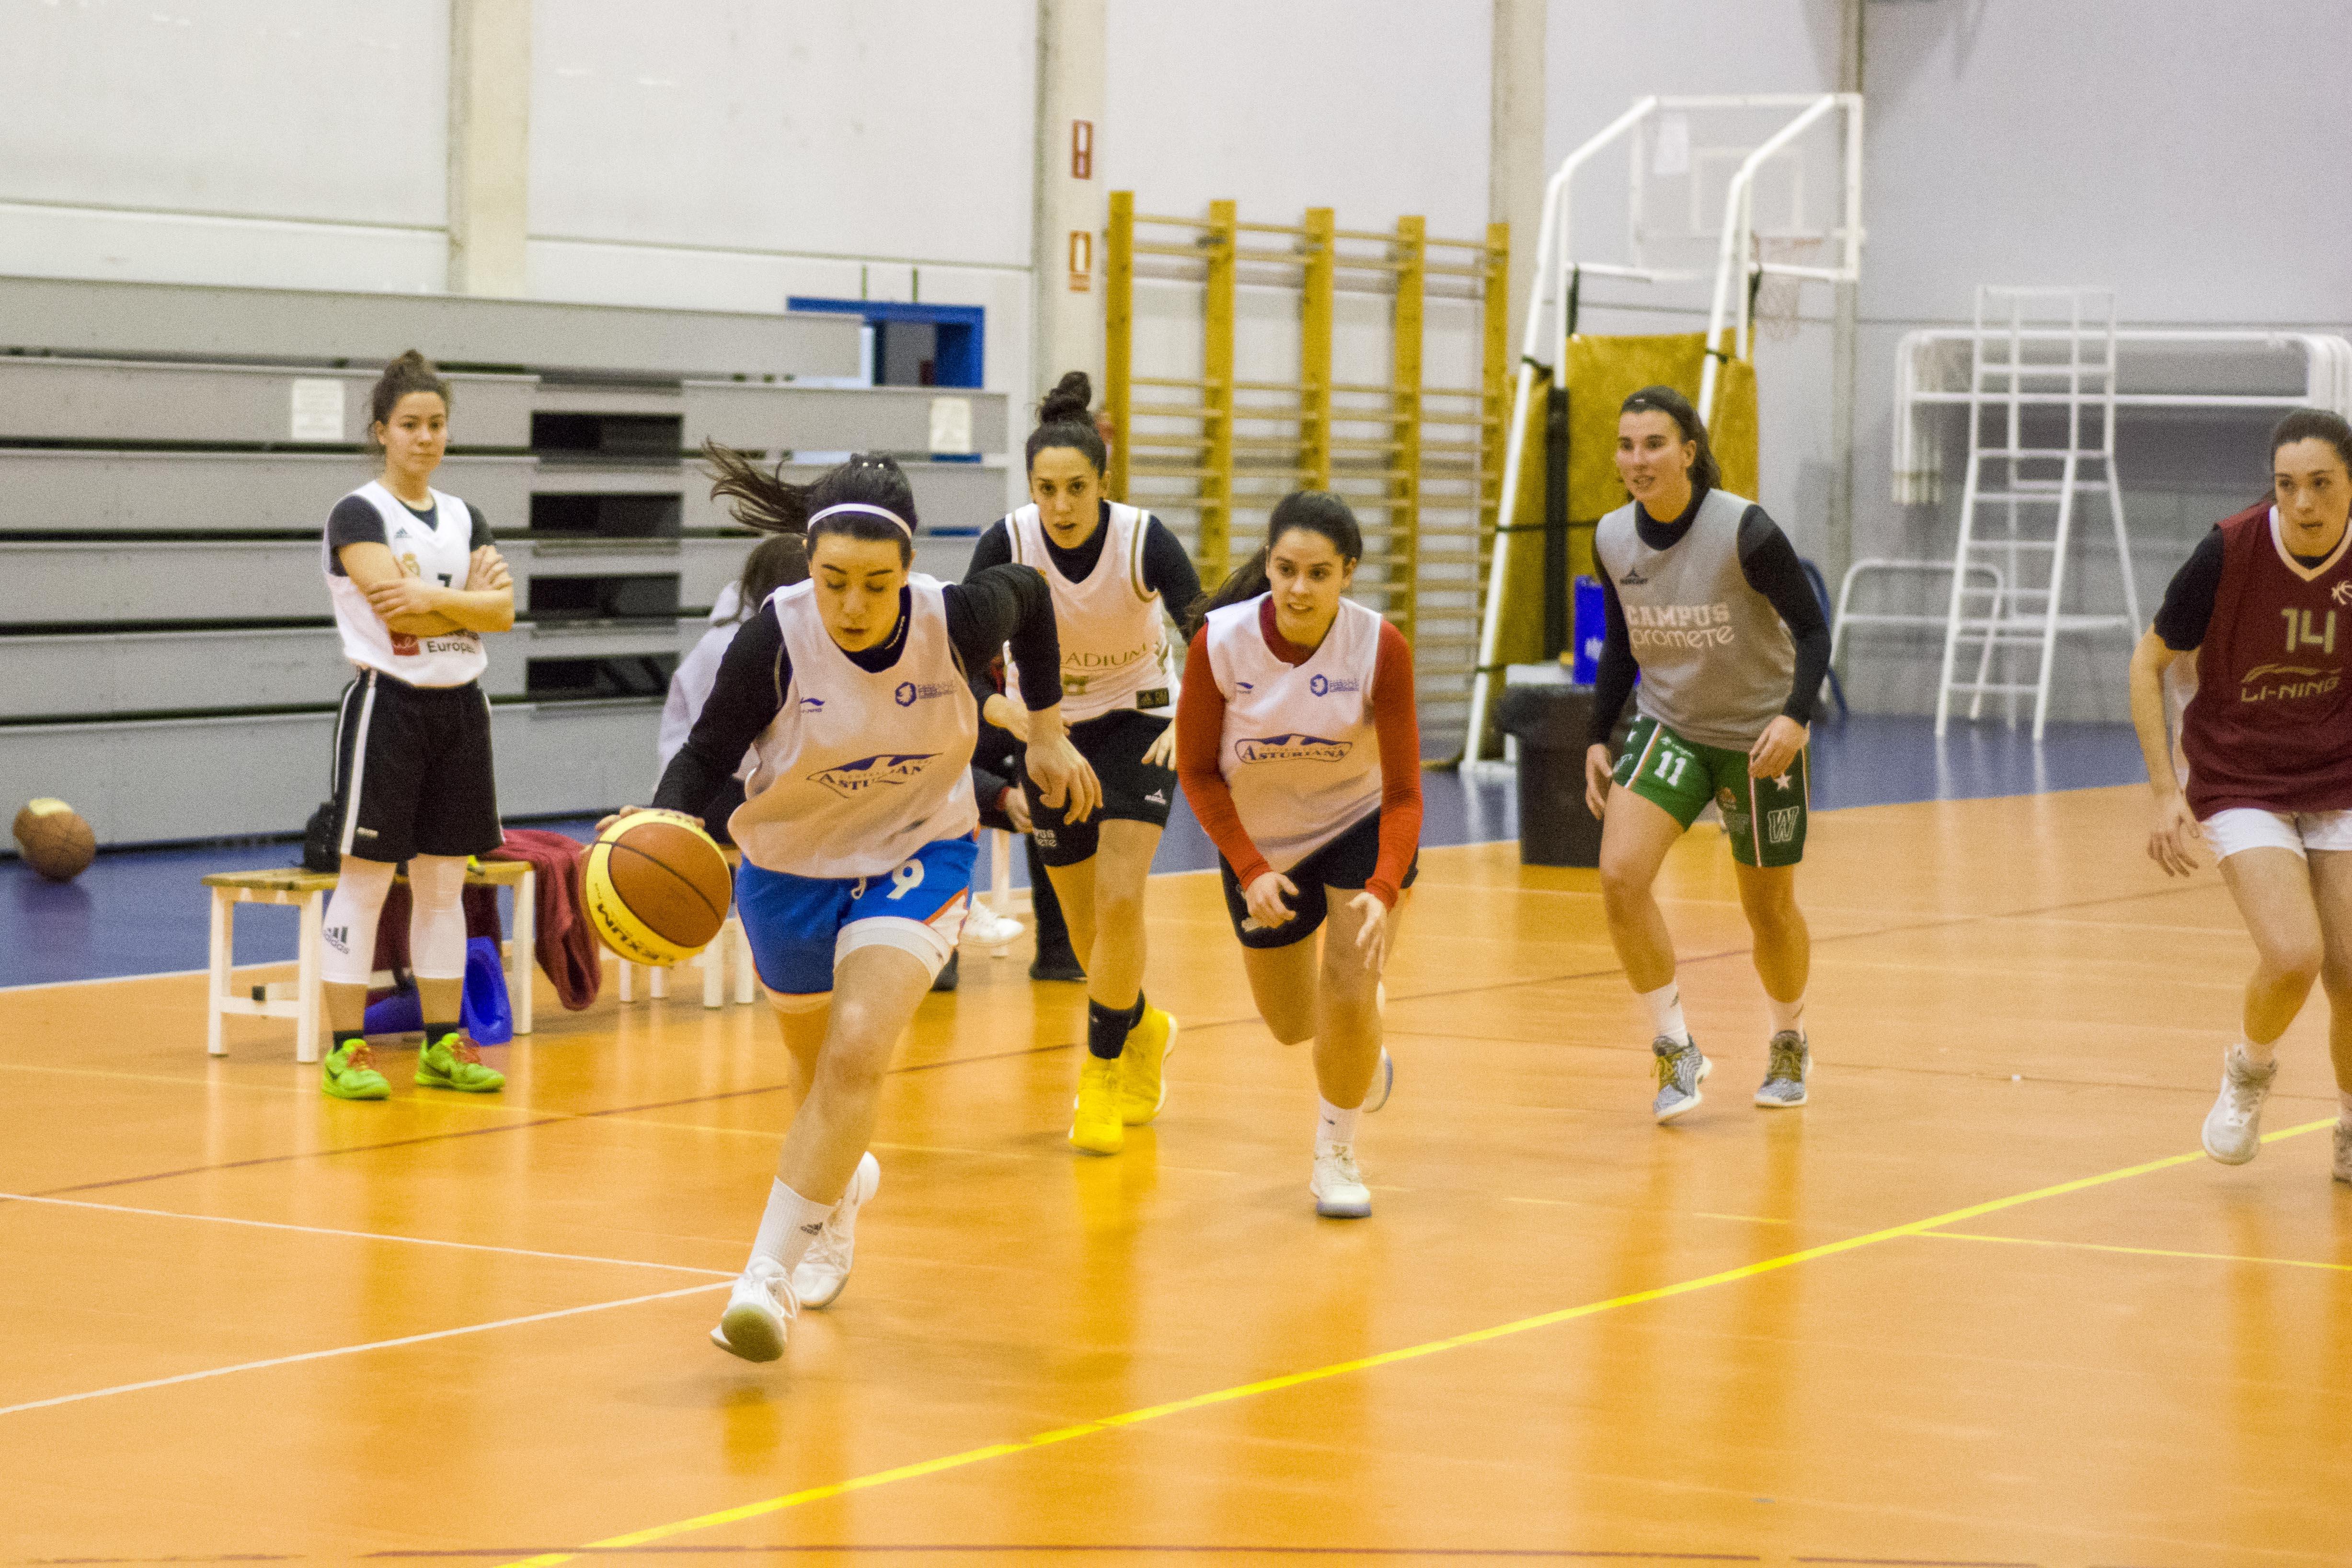 El Campus Promete se hace fuerte en Primera División Nacional